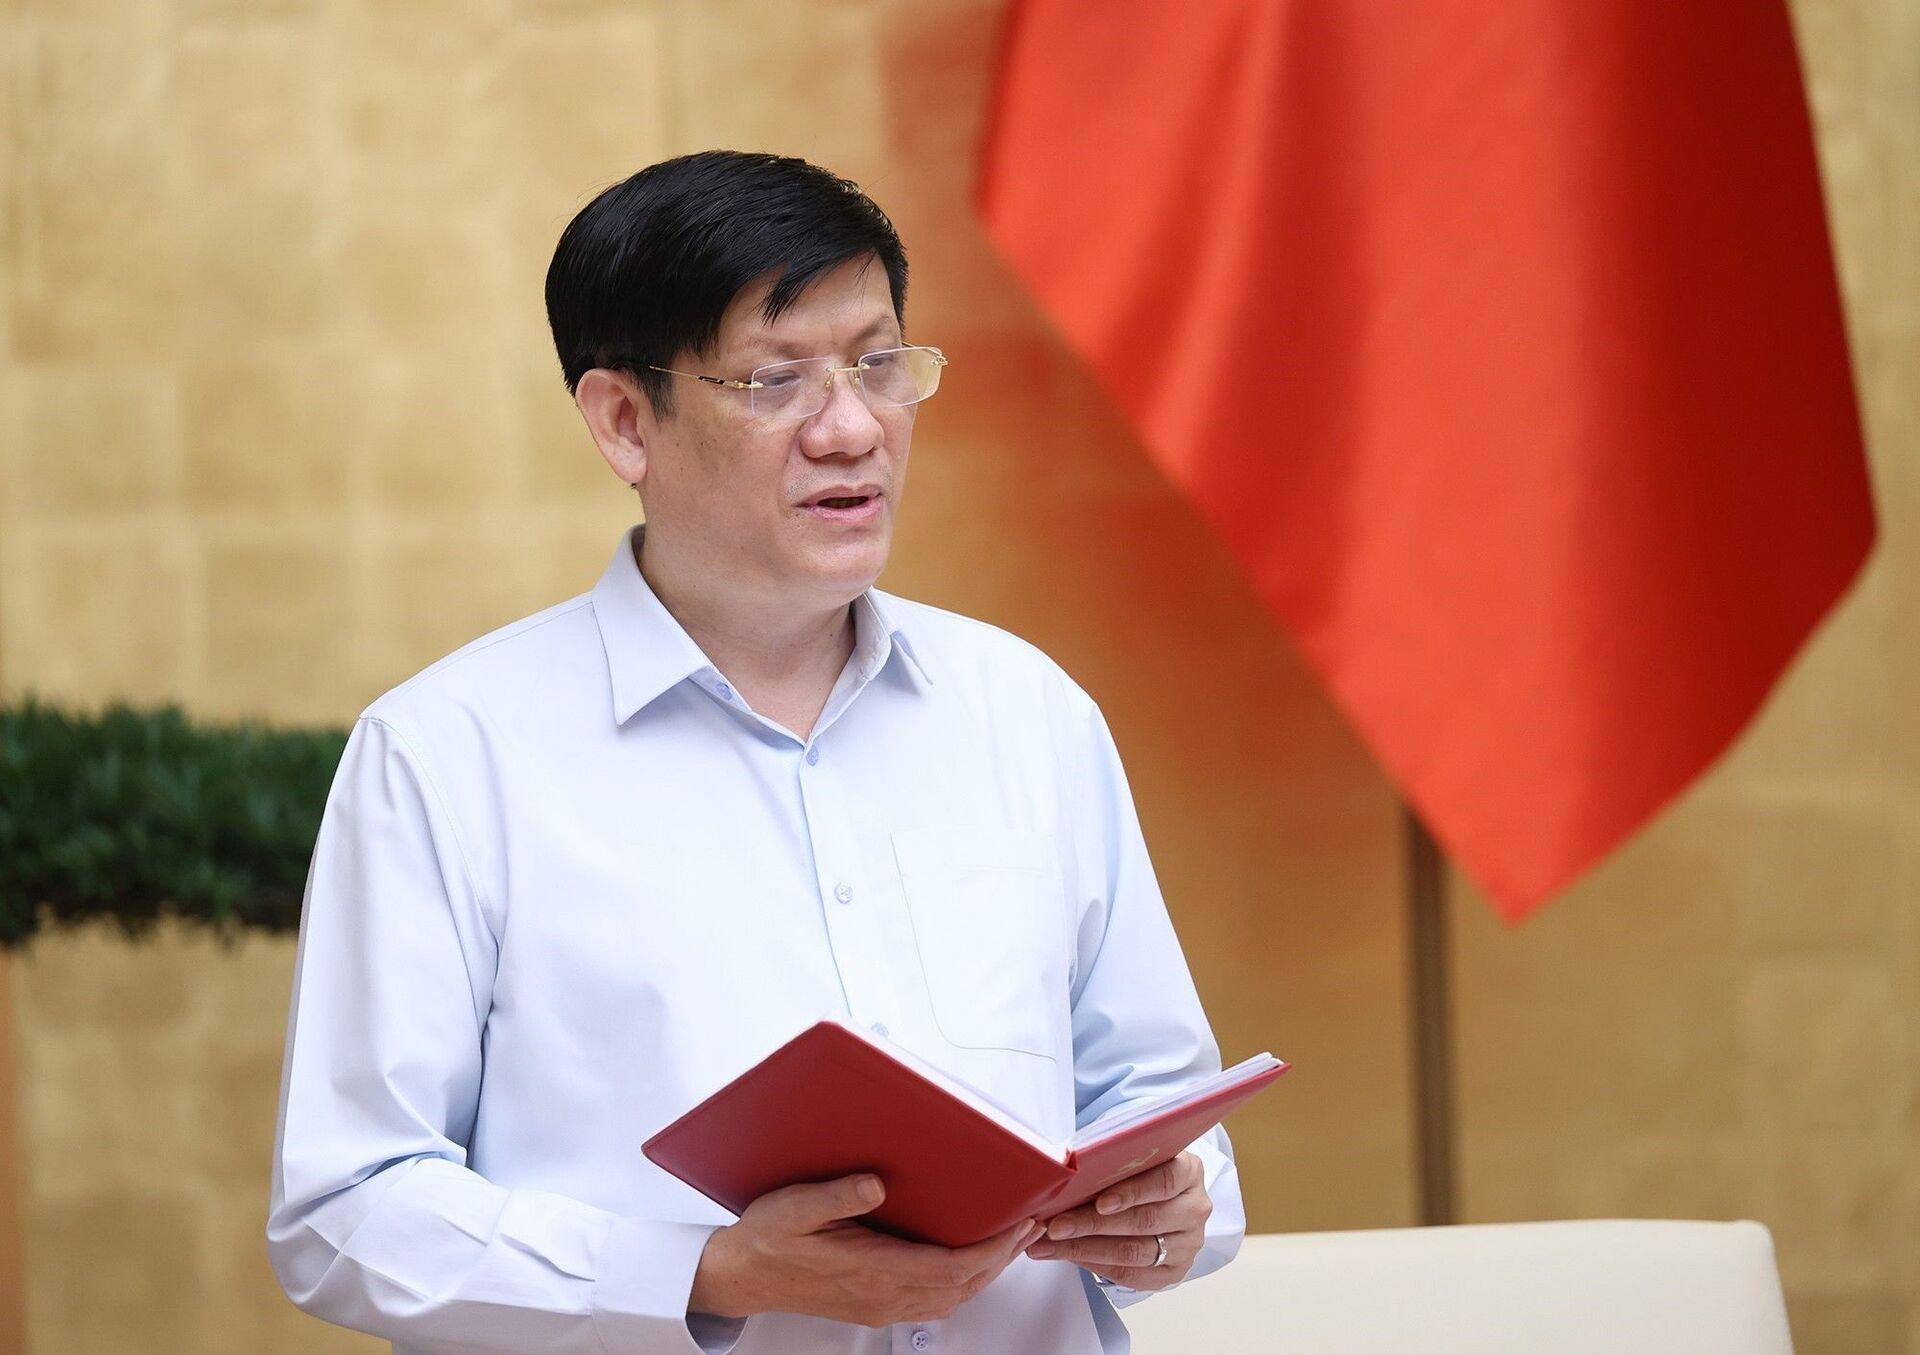 Bộ trưởng Bộ Y tế Nguyễn Thanh Long báo cáo tình hình, diễn biến dịch COVID-19 tại Thành phố Hồ Chí Minh. - Sputnik Việt Nam, 1920, 05.10.2021